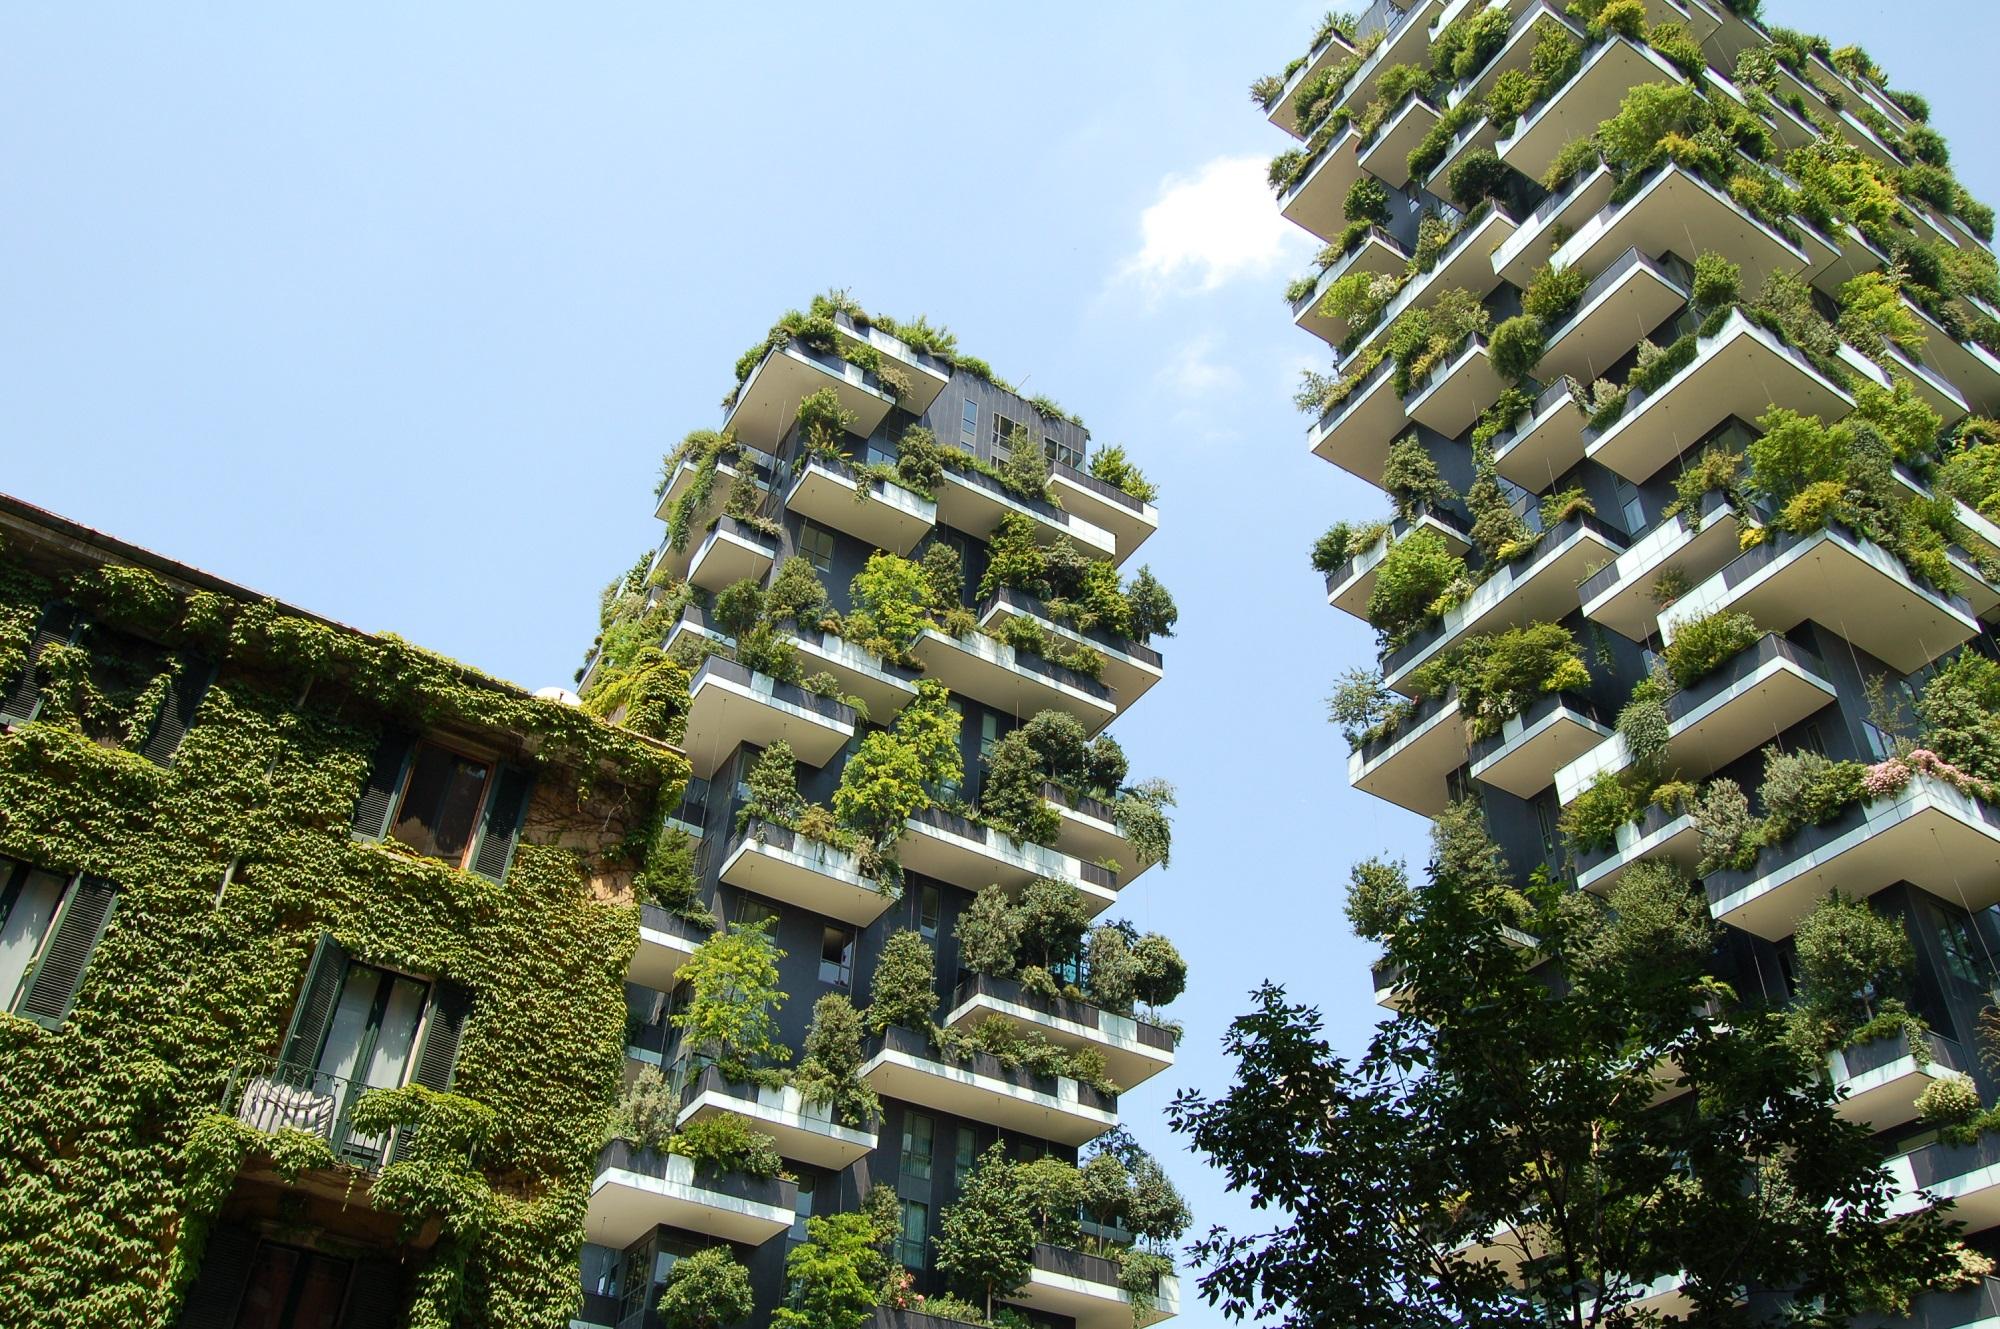 Architetti Famosi Antichi le 20 città del design da vedere nel mondo | skyscanner italia